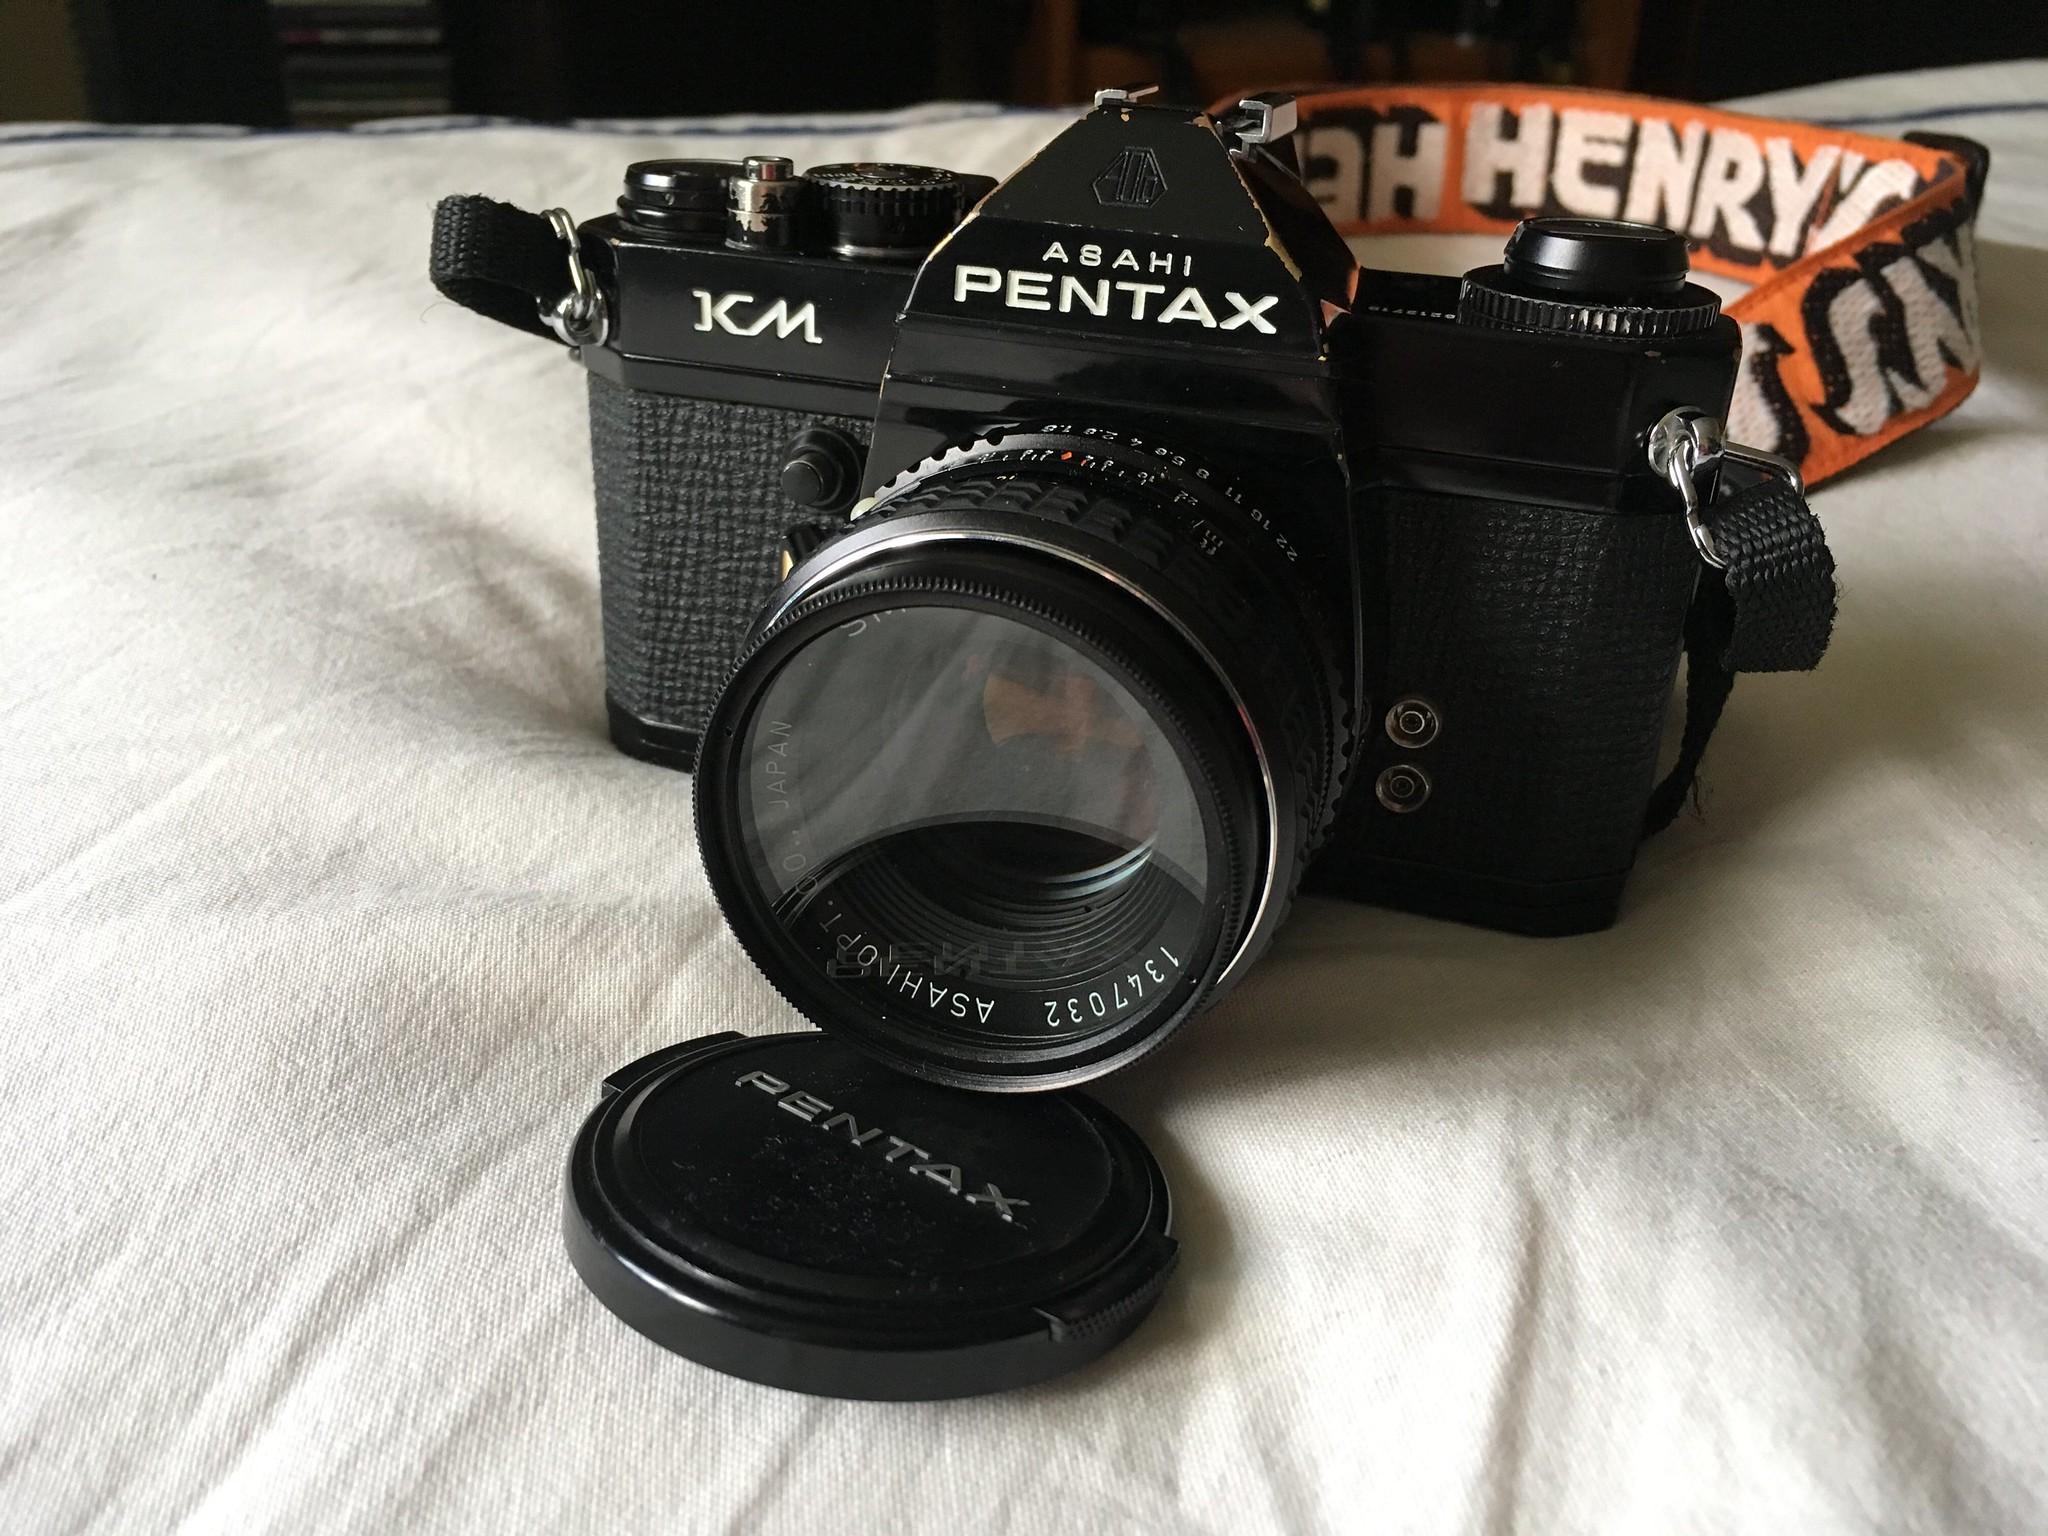 Pentax KM.jpg